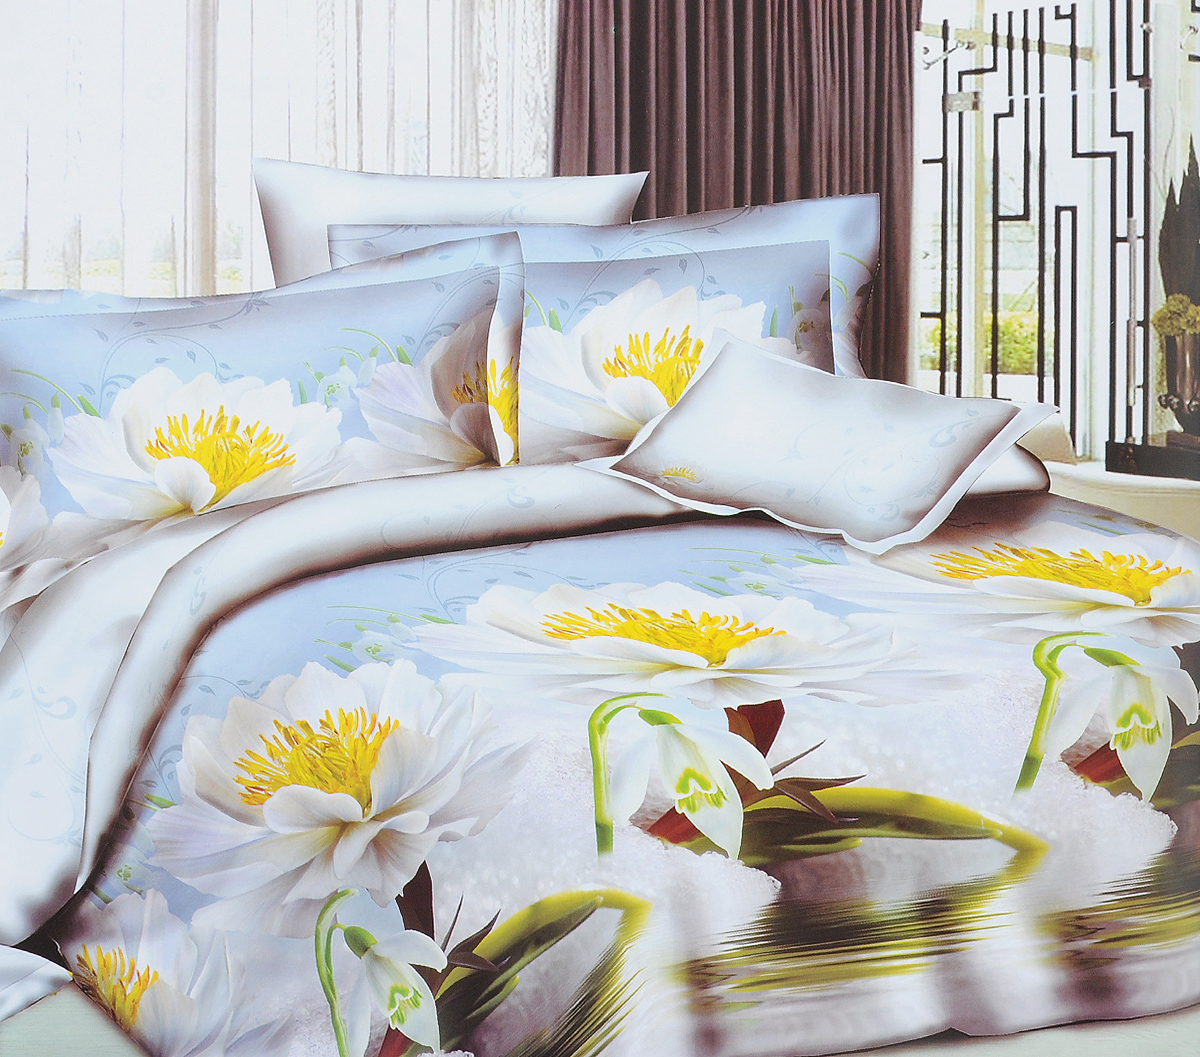 Комплект белья ЭГО Лето, 2-спальный, наволочки 70x7068/5/4Комплект постельного белья ЭГО Лето выполнен из полисатина (50% хлопка, 50% полиэстера). Комплект состоит из пододеяльника, простыни и двух наволочек. Постельное белье, оформленное цветочным принтом, имеет изысканный внешний вид и яркую цветовую гамму. Наволочки застегиваются на клапаны. Гладкая структура делает ткань приятной на ощупь, мягкой и нежной, при этом она прочная и хорошо сохраняет форму. Ткань легко гладится, не линяет и не садится. Благодаря такому комплекту постельного белья вы сможете создать атмосферу роскоши и романтики в вашей спальне.